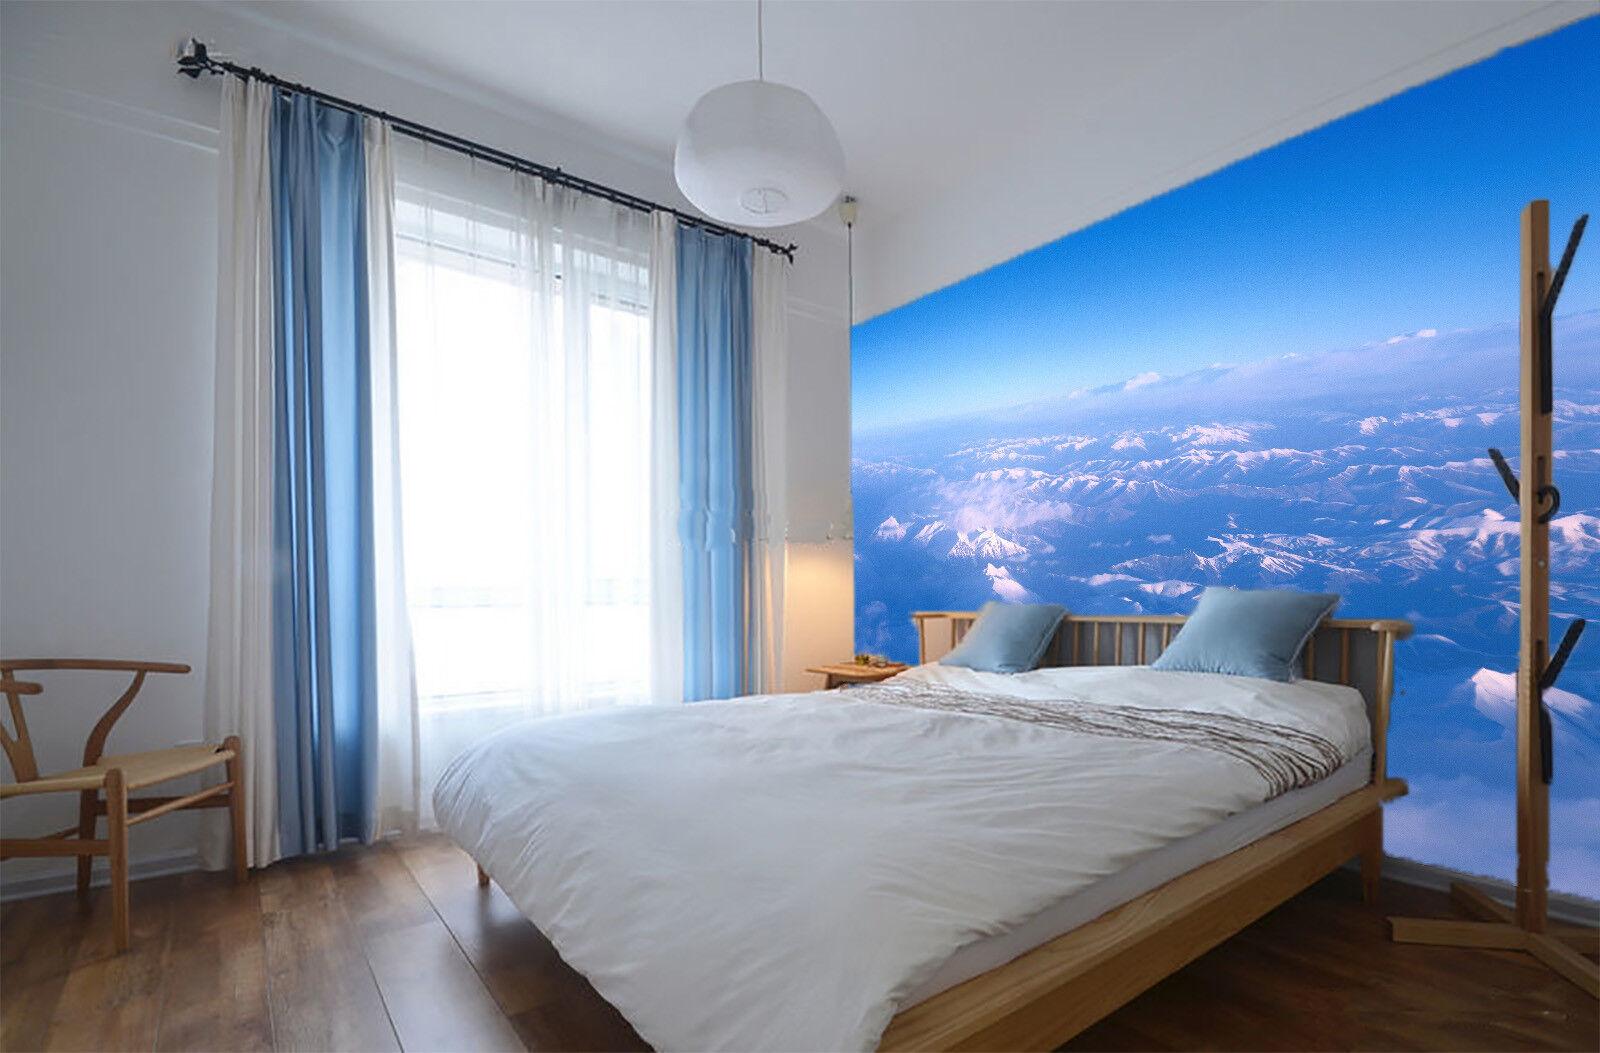 Papel Pintado Mural De Vellón Azul Cielo Nieve Fondo Montañas 2 Paisaje Fondo Nieve Pantalla 7af17d